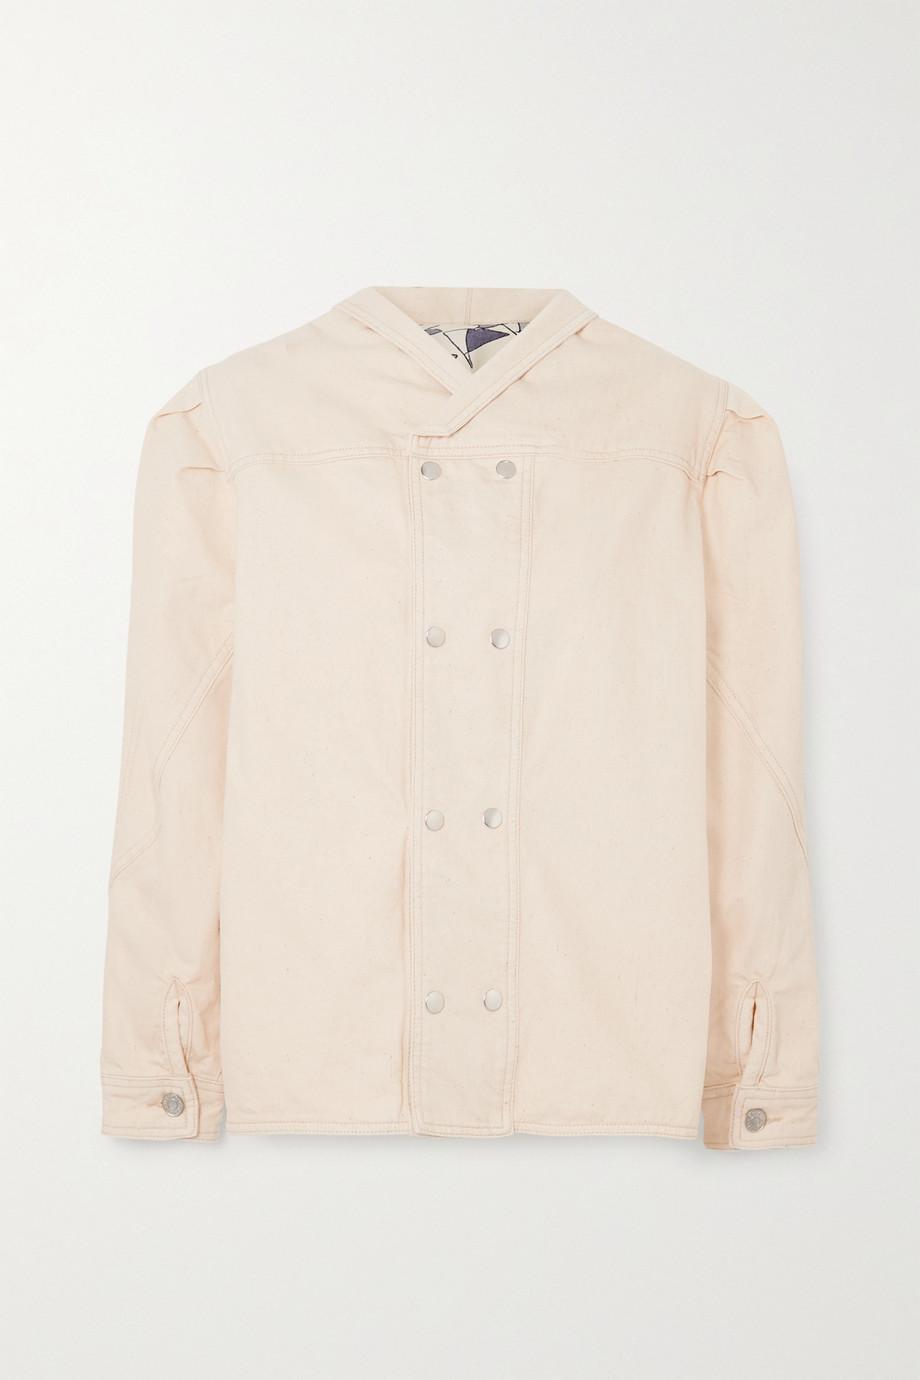 Isabel Marant Espera oversized double-breasted cotton jacket